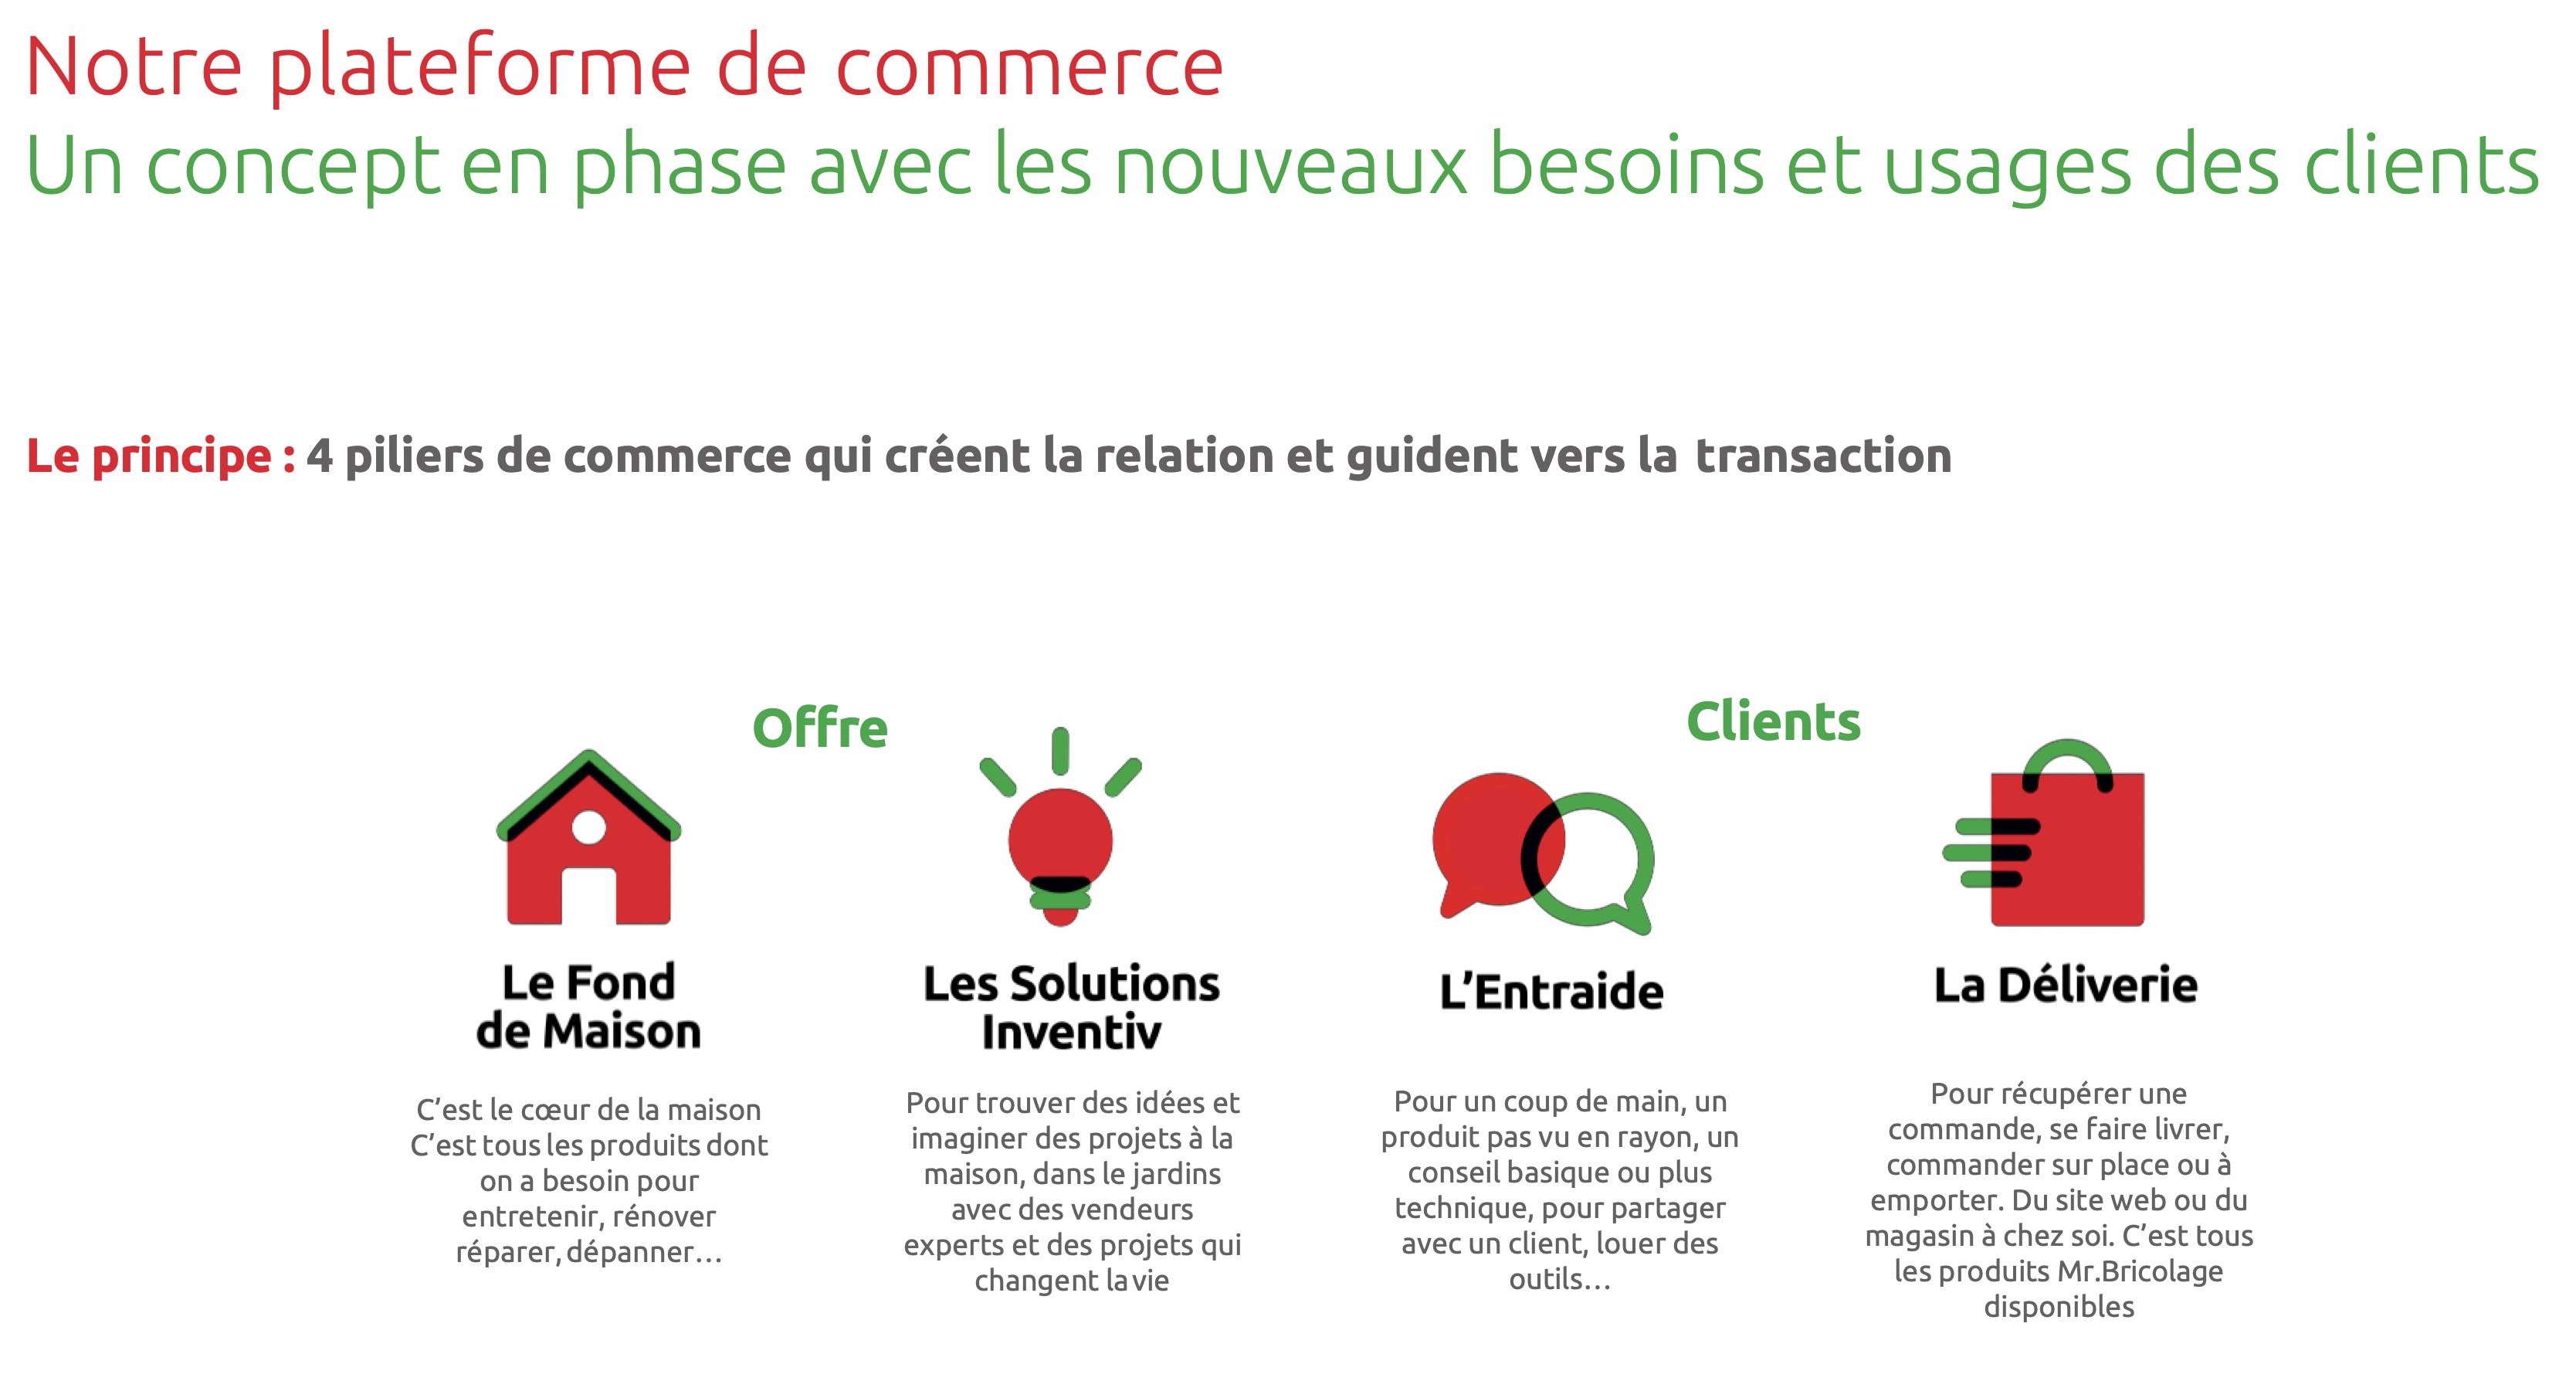 site-corporate-4-piliers-du-commerce